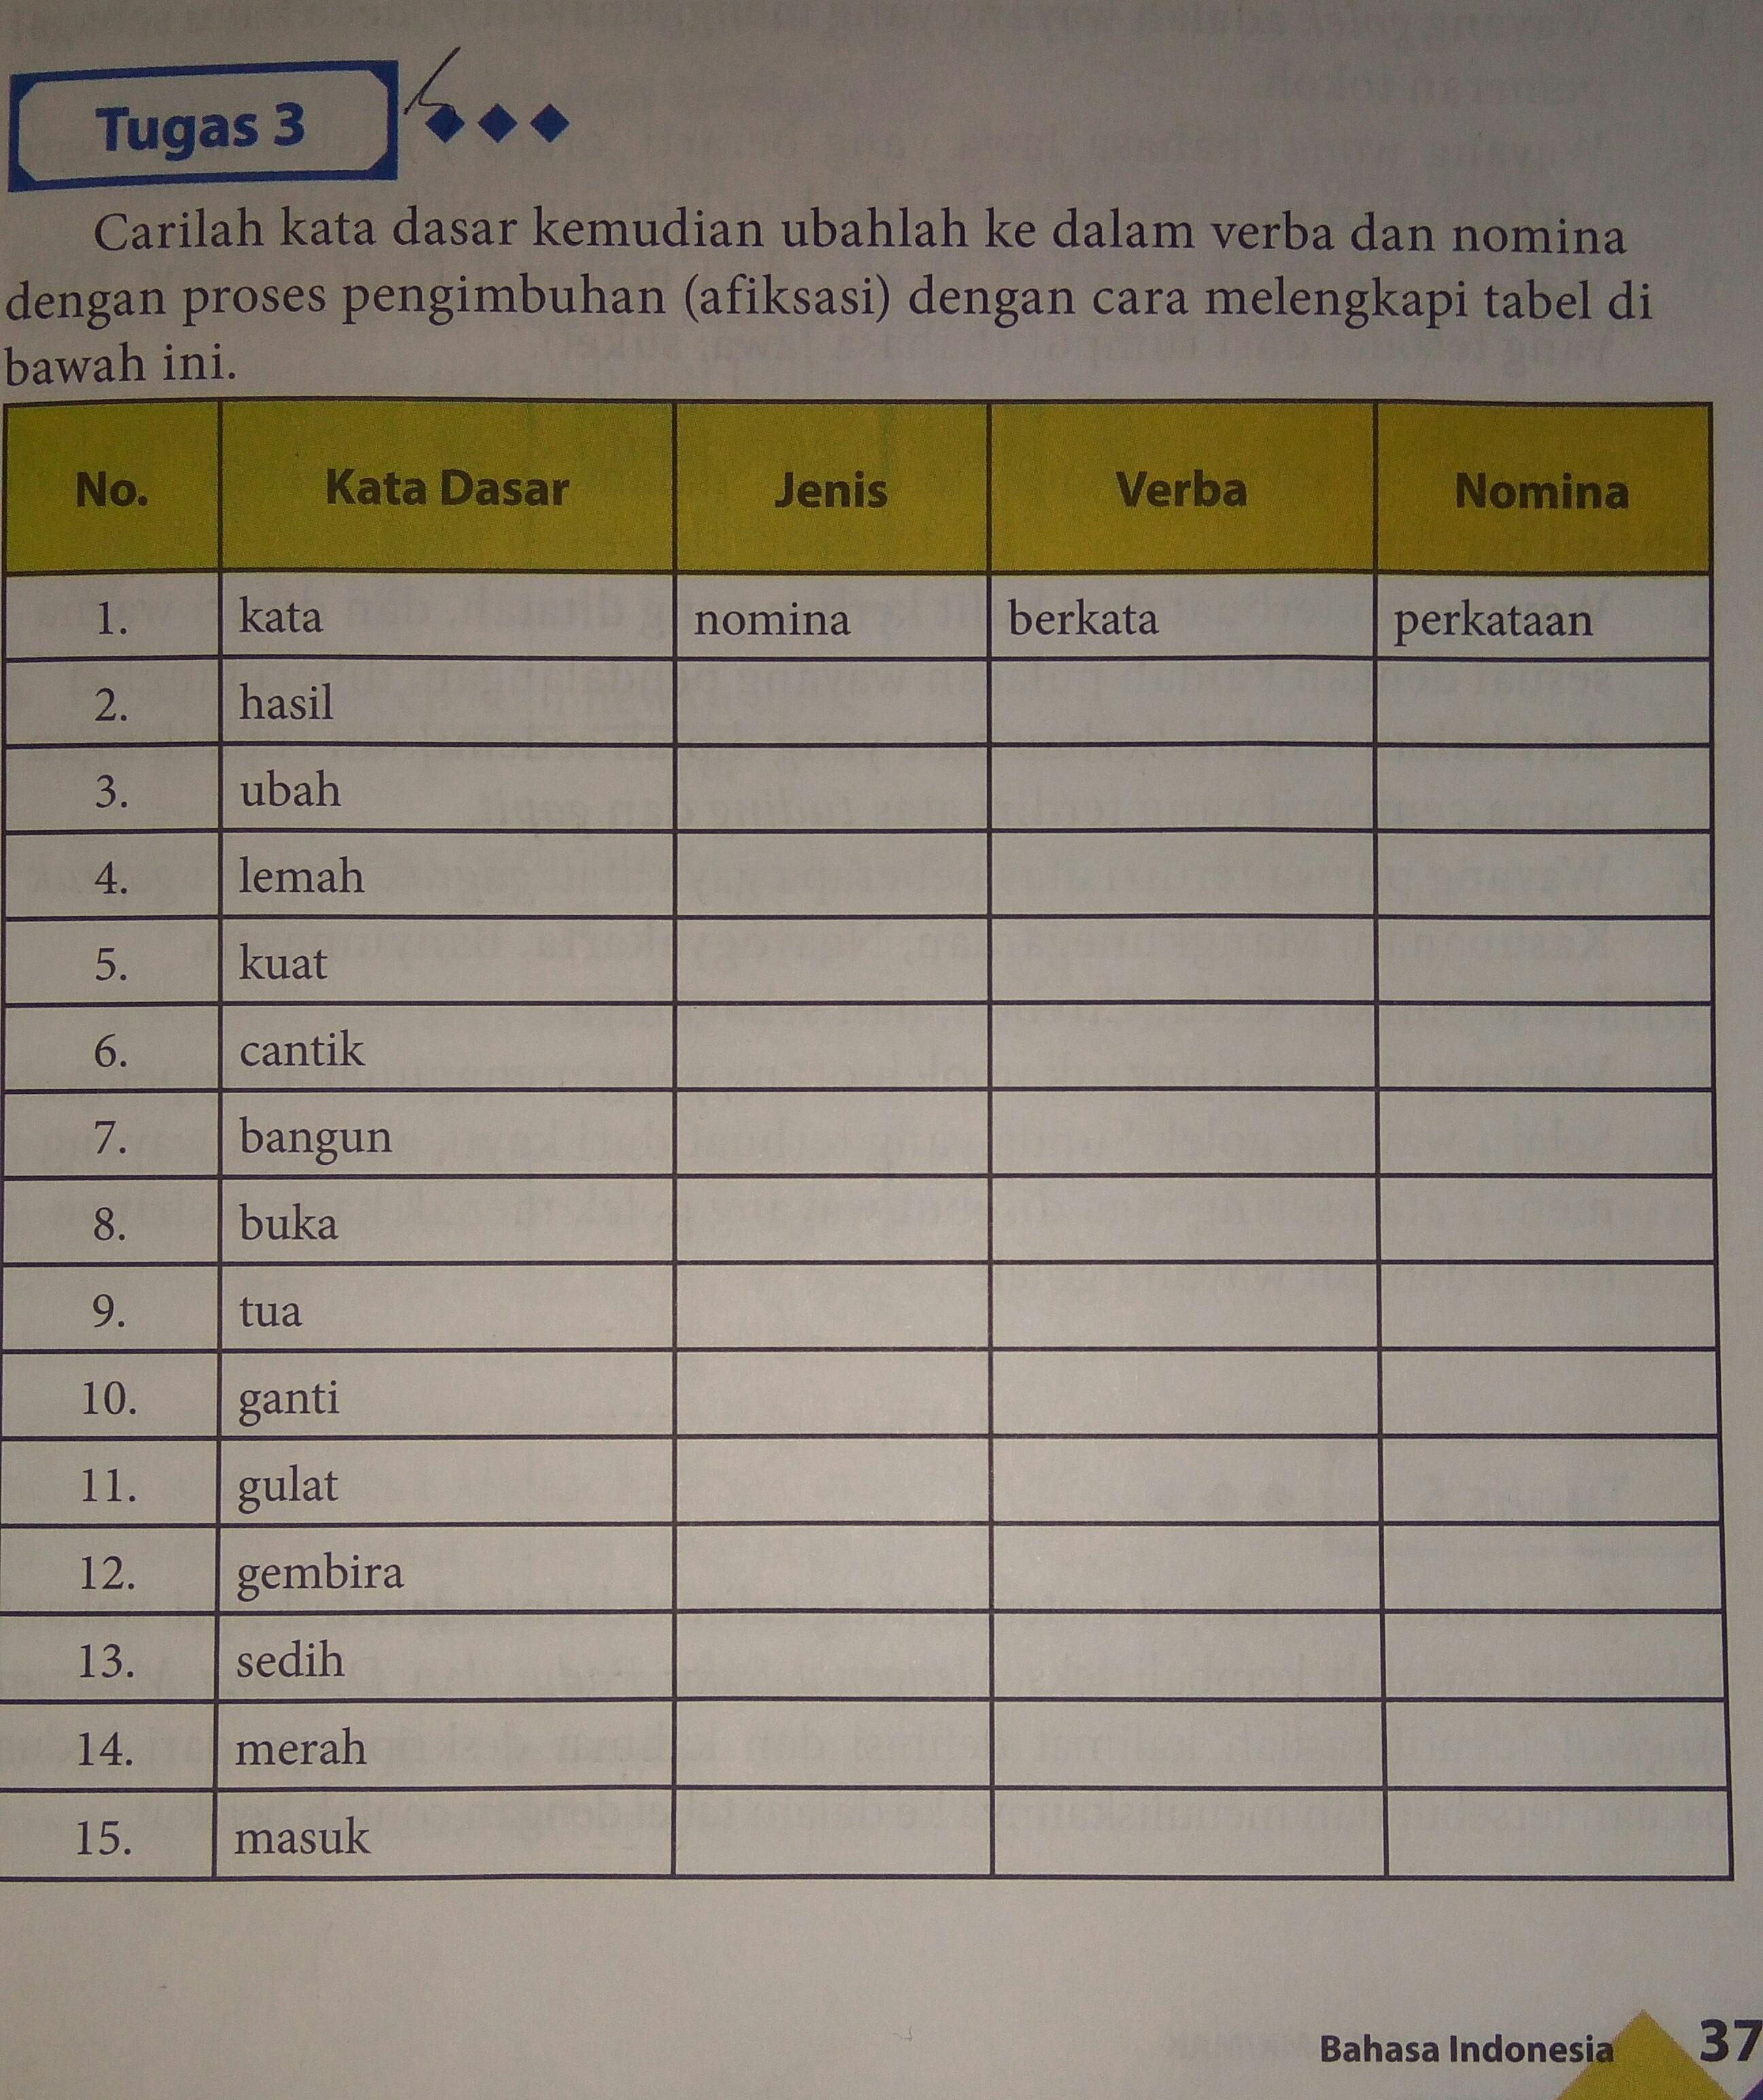 Carilah Kata Dasar Kemudian Ubahlah Ke Dalam Verba Dan Nomina Dengan